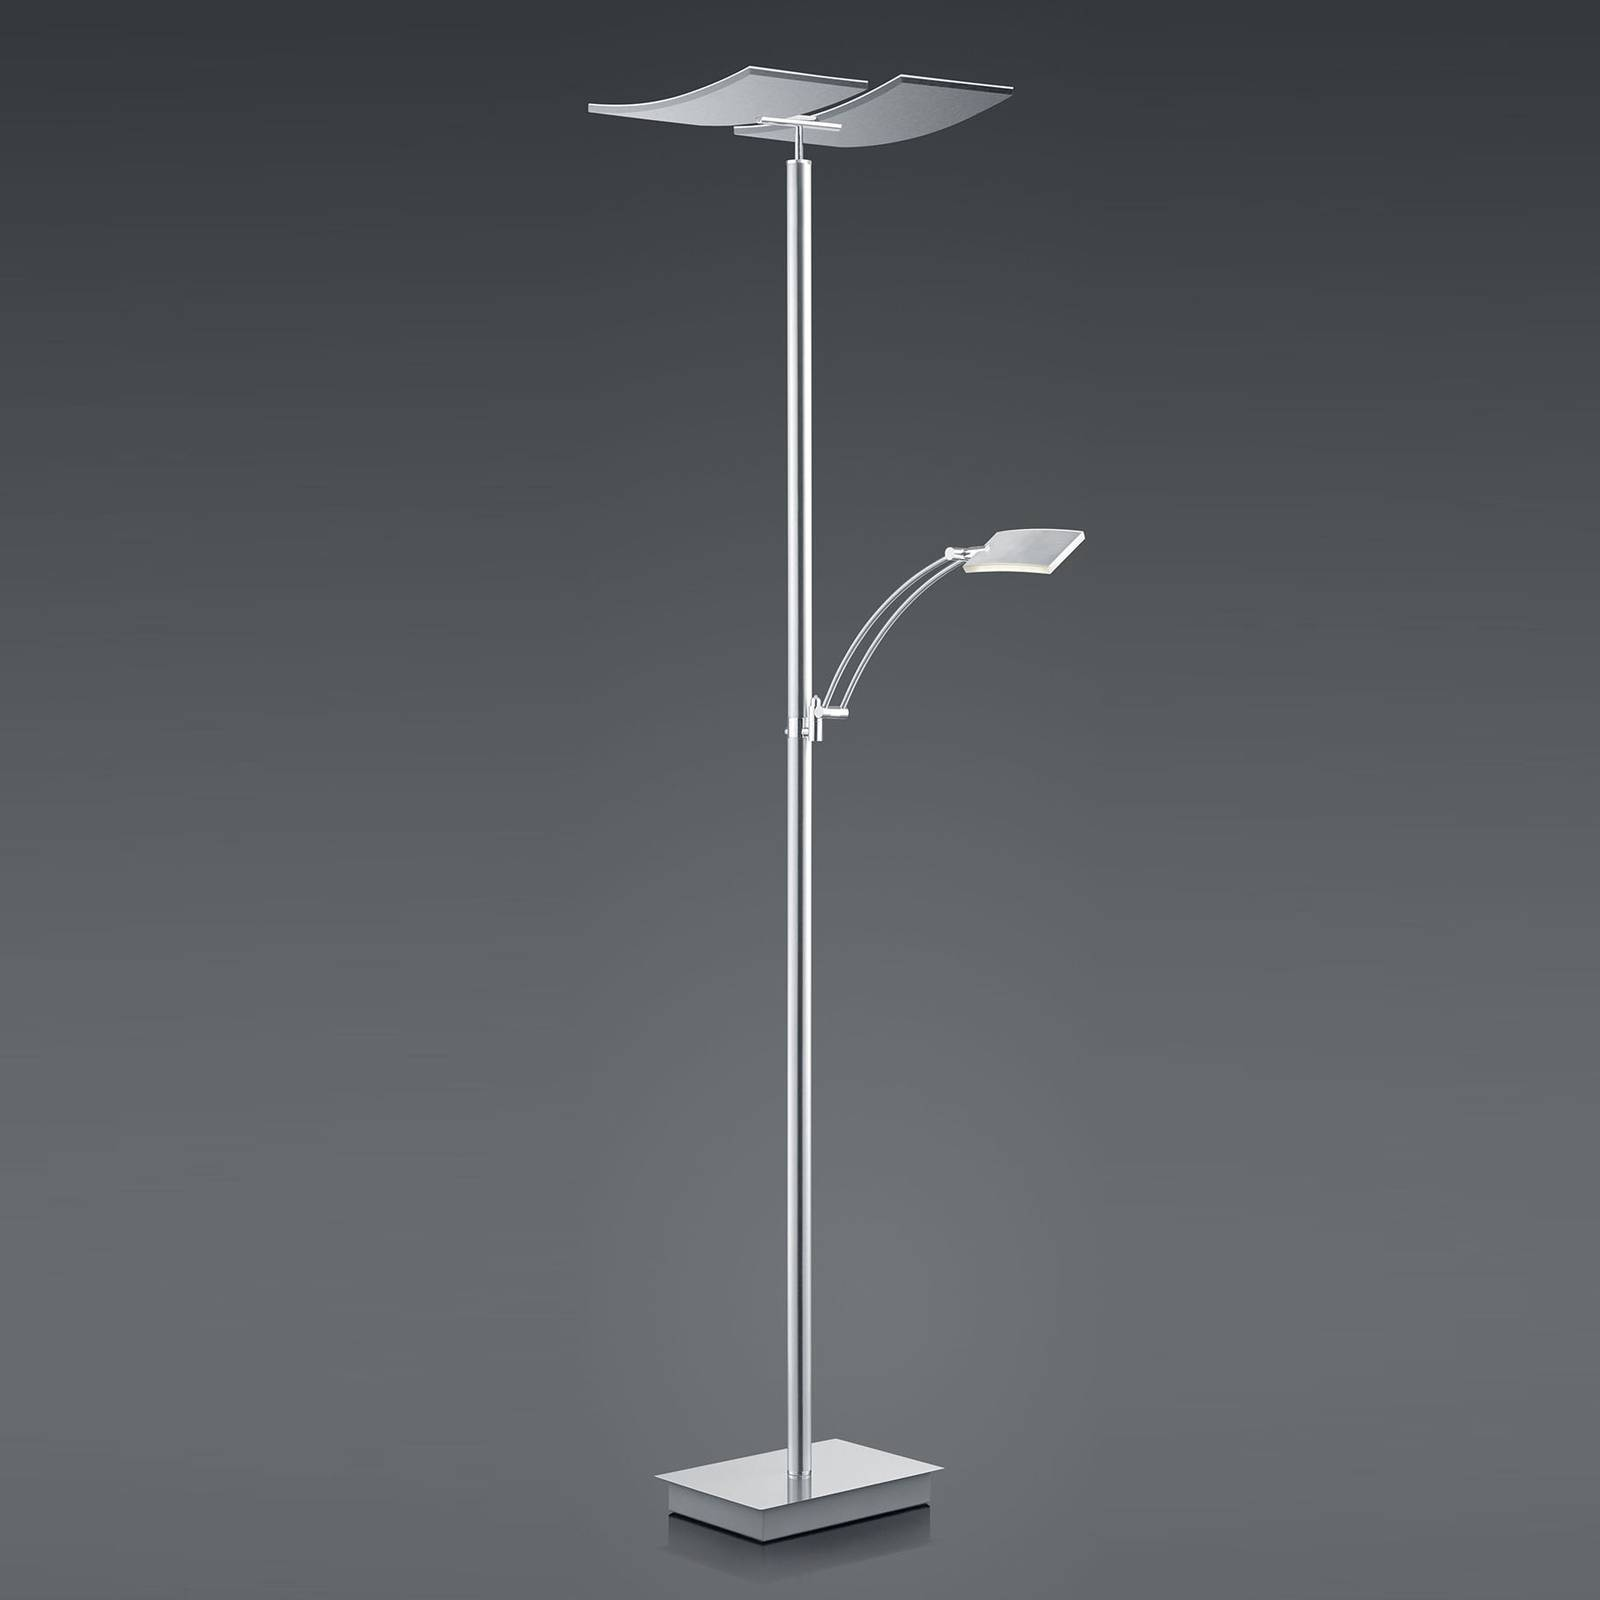 B-Leuchten Duo LED-lattiavalaisin, kaukosäädin